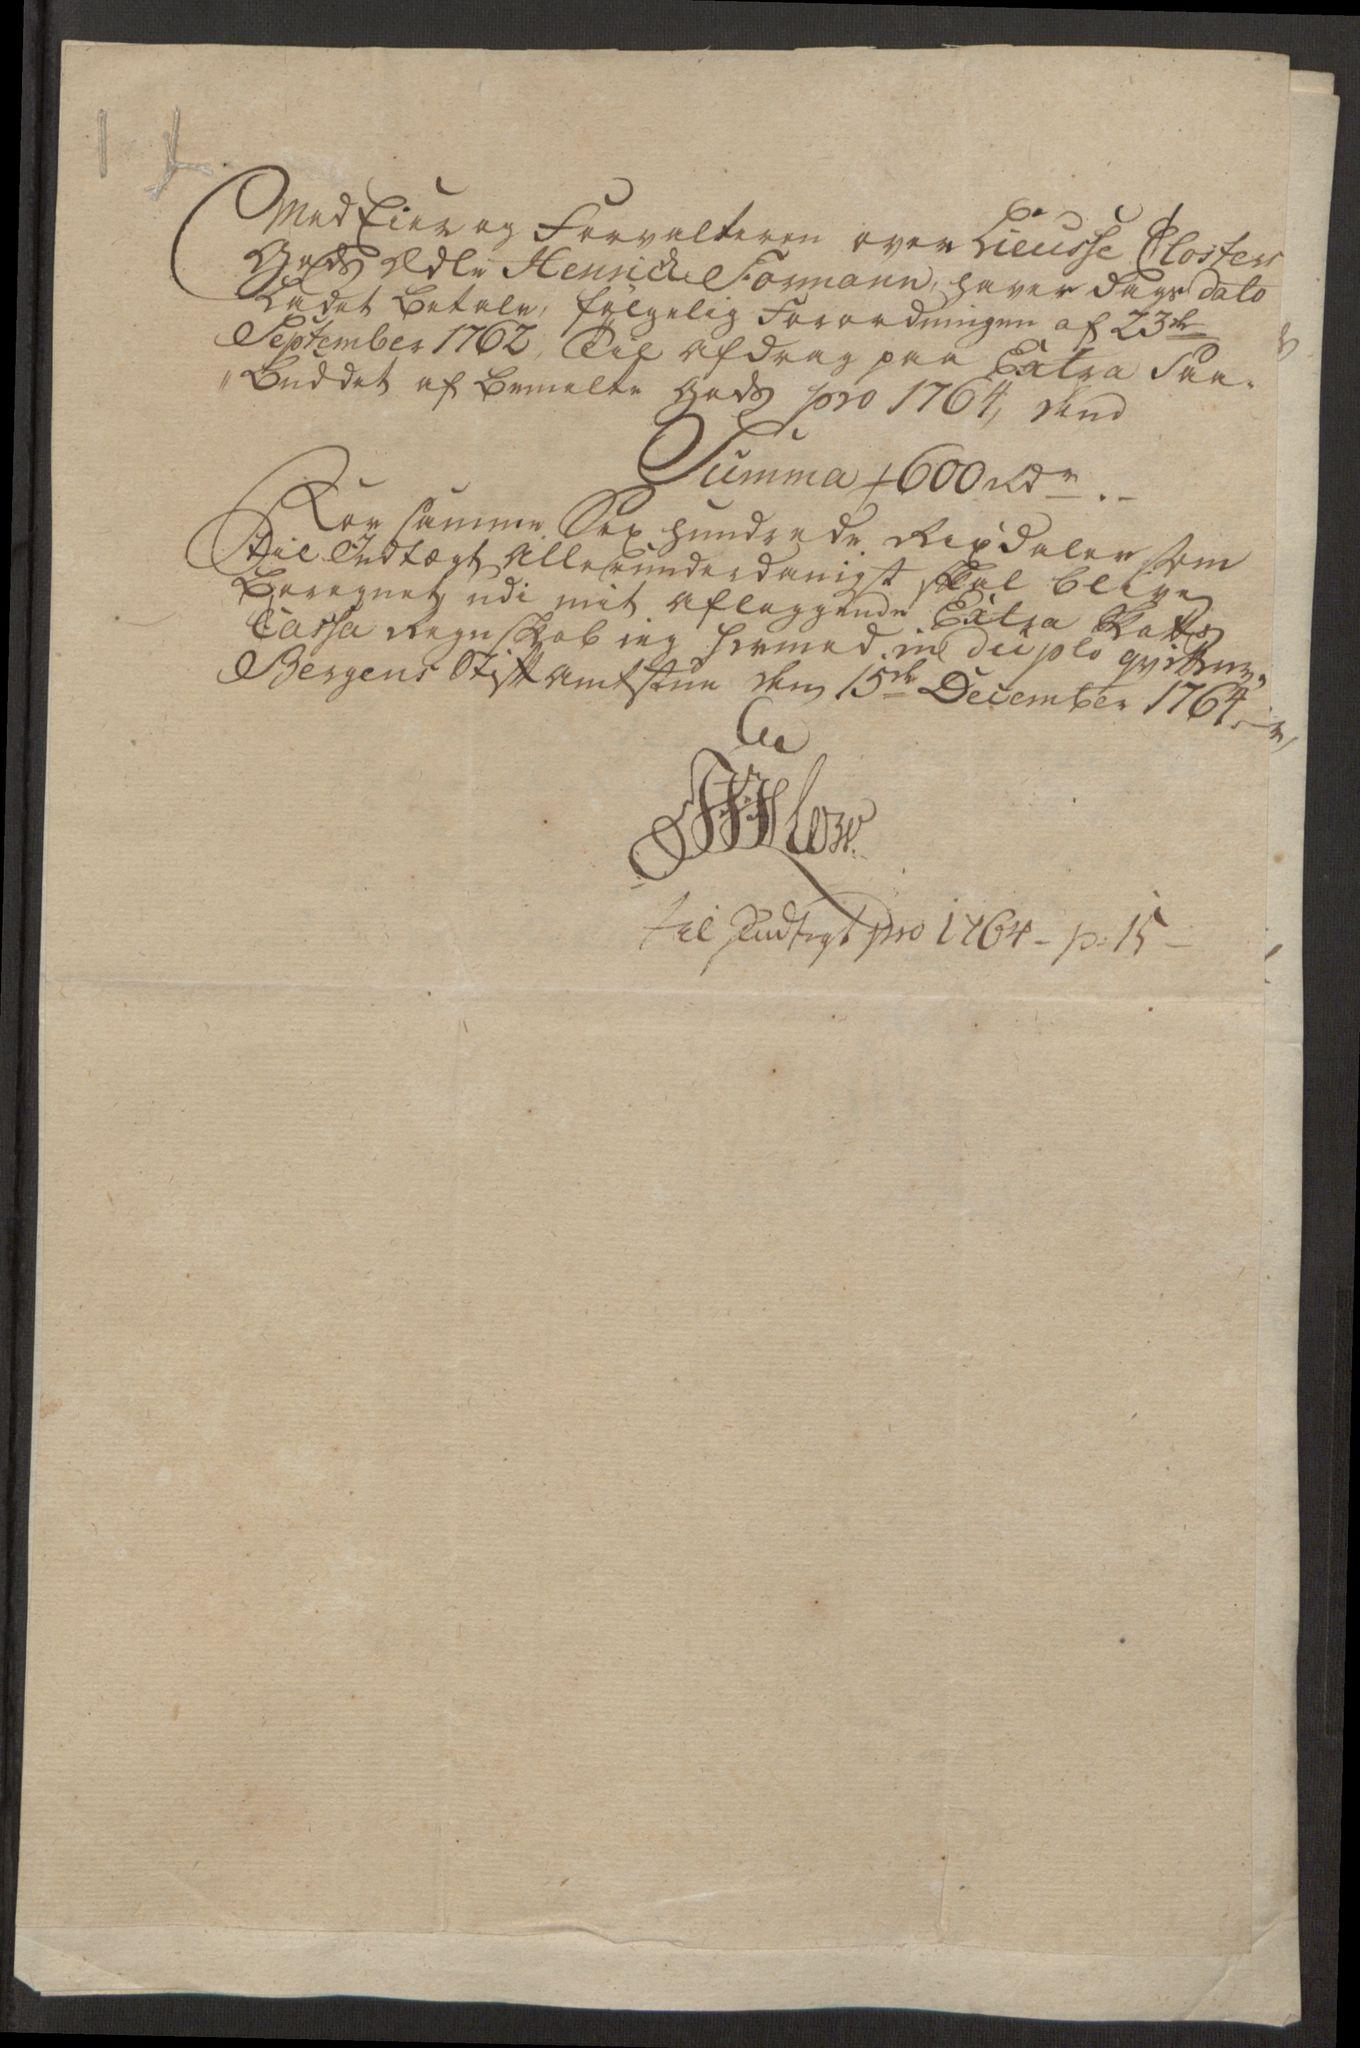 RA, Rentekammeret inntil 1814, Reviderte regnskaper, Fogderegnskap, R50/L3180: Ekstraskatten Lyse kloster, 1762-1783, s. 125